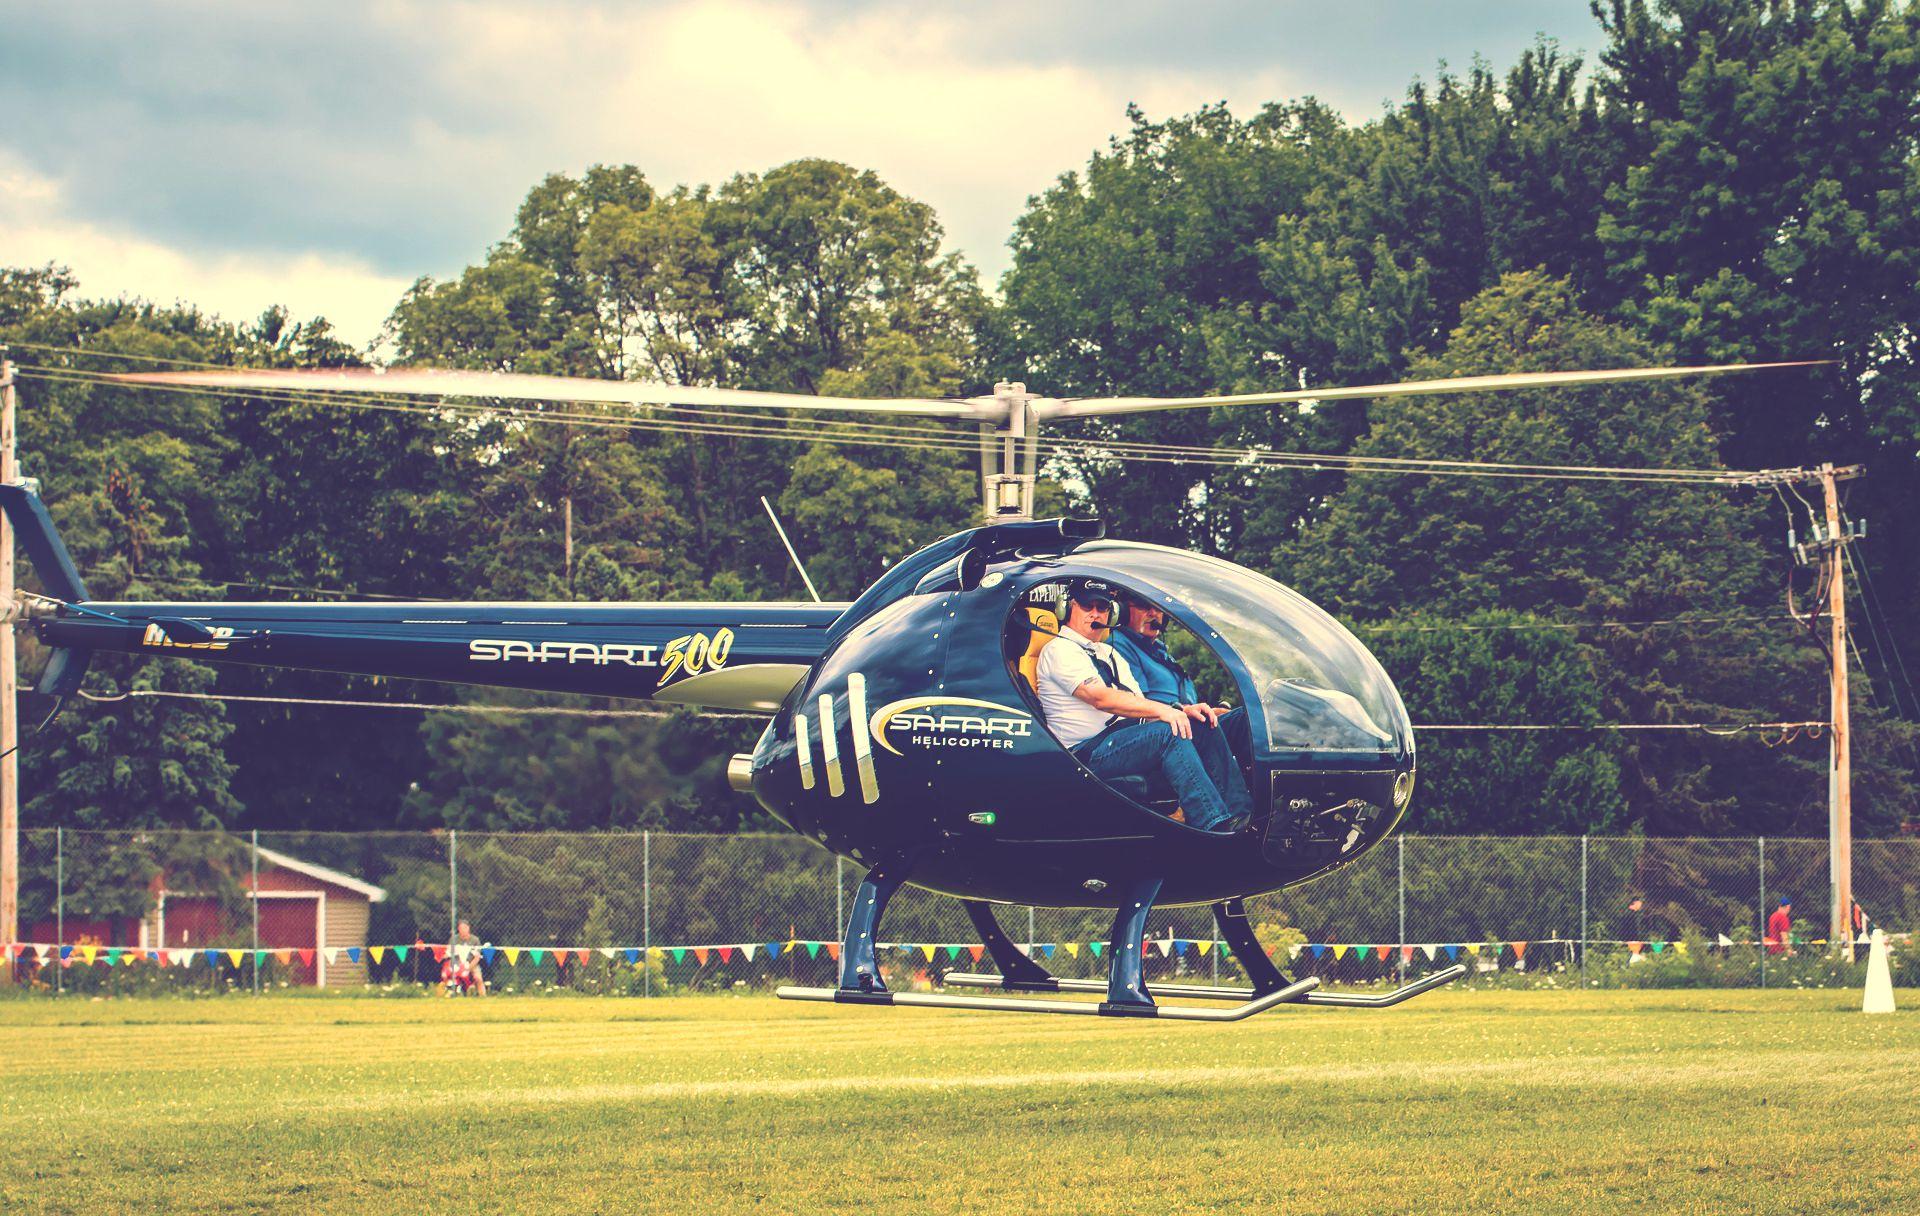 海外のヘリコプター